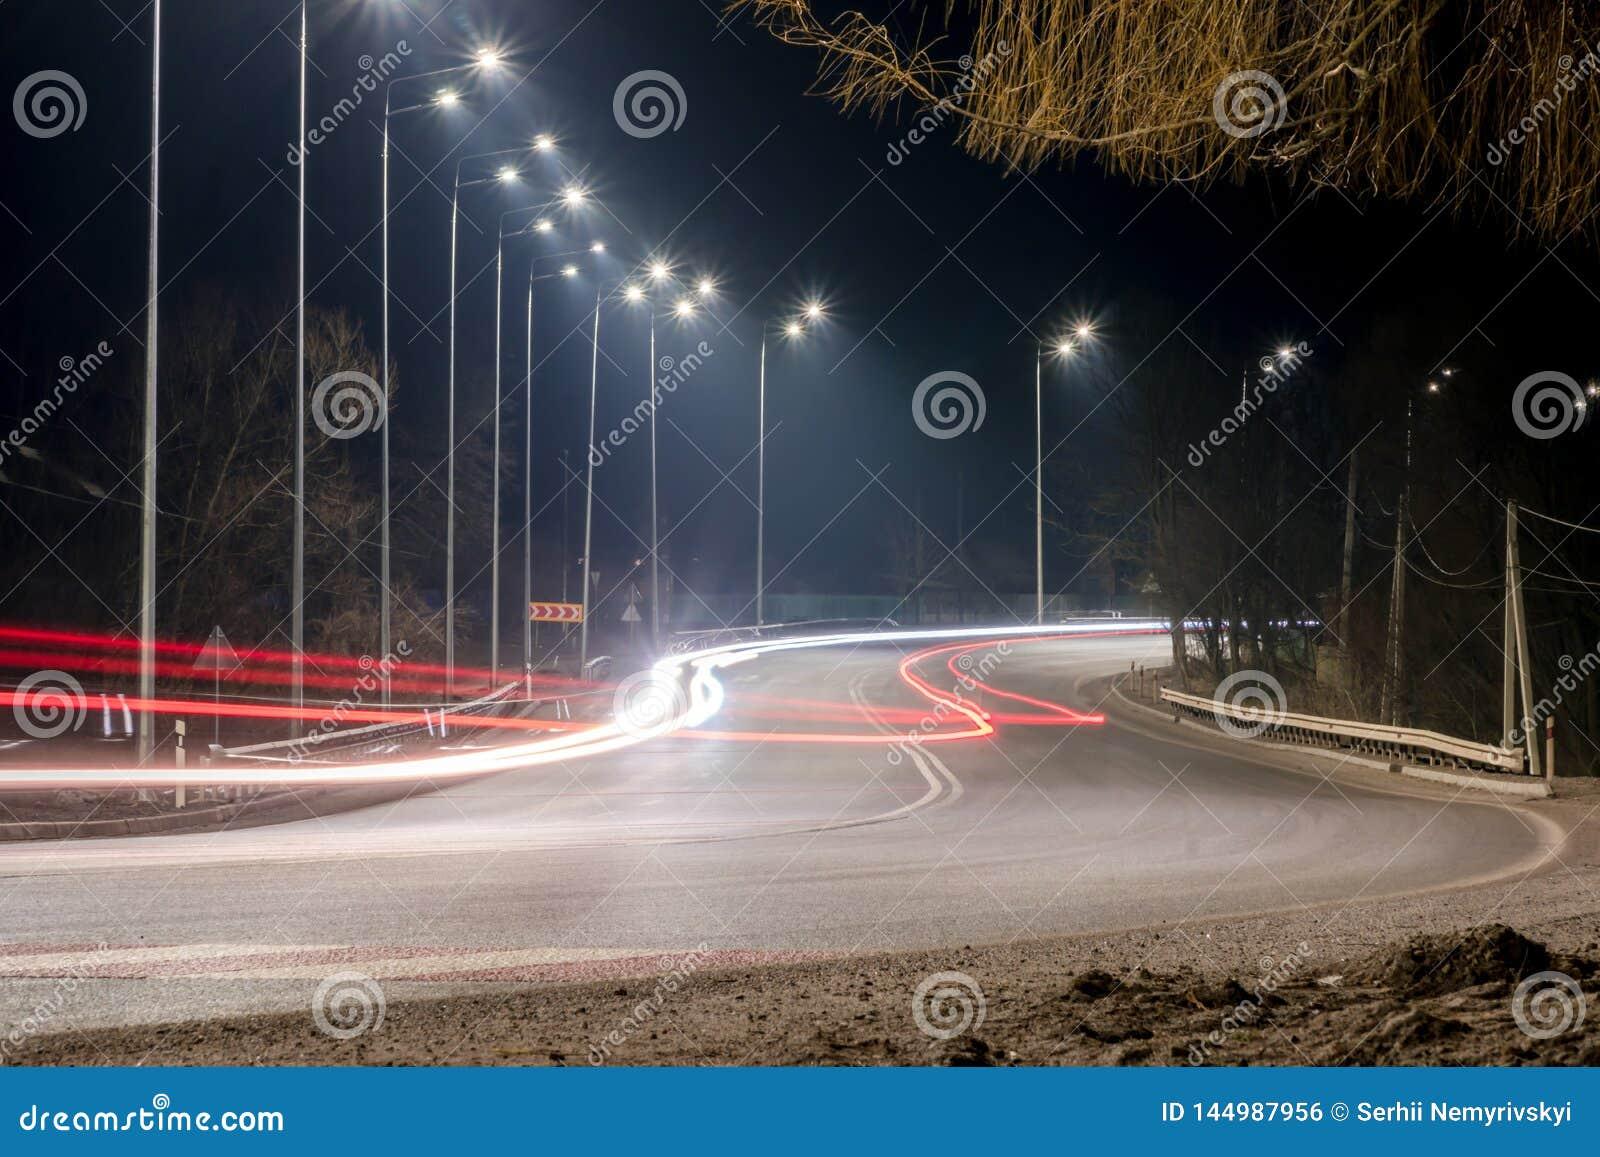 Γρήγορα κινούμενη κυκλοφορία τη νύχτα χειμερινή εποχή έννοια του δρόμου, της αφαίρεσης χιονιού και πάγου, του κινδύνου και της ασ